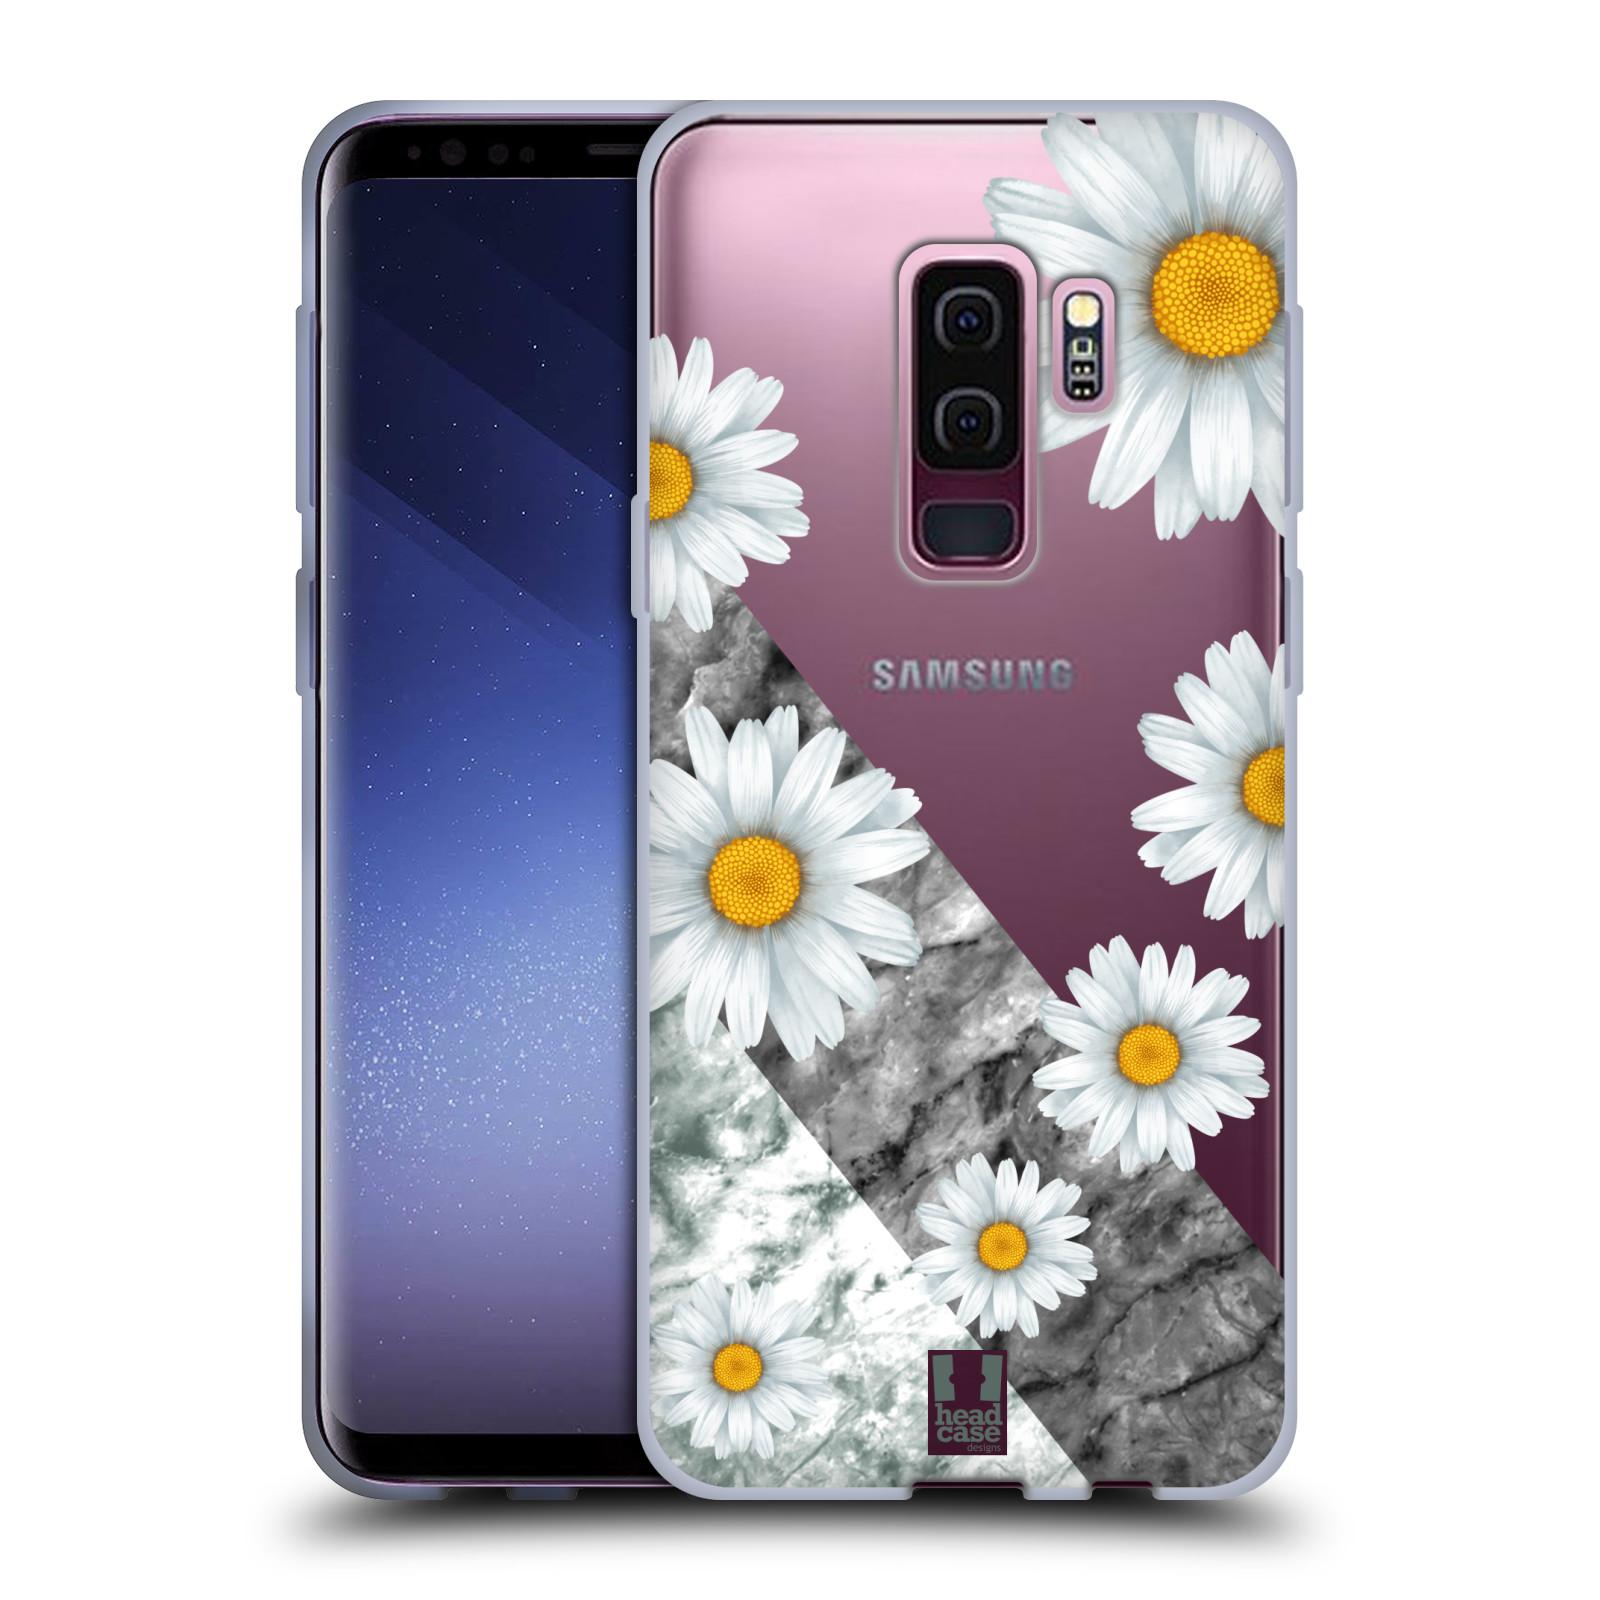 Silikonové pouzdro na mobil Samsung Galaxy S9 Plus - Head Case - Kopretiny a mramor